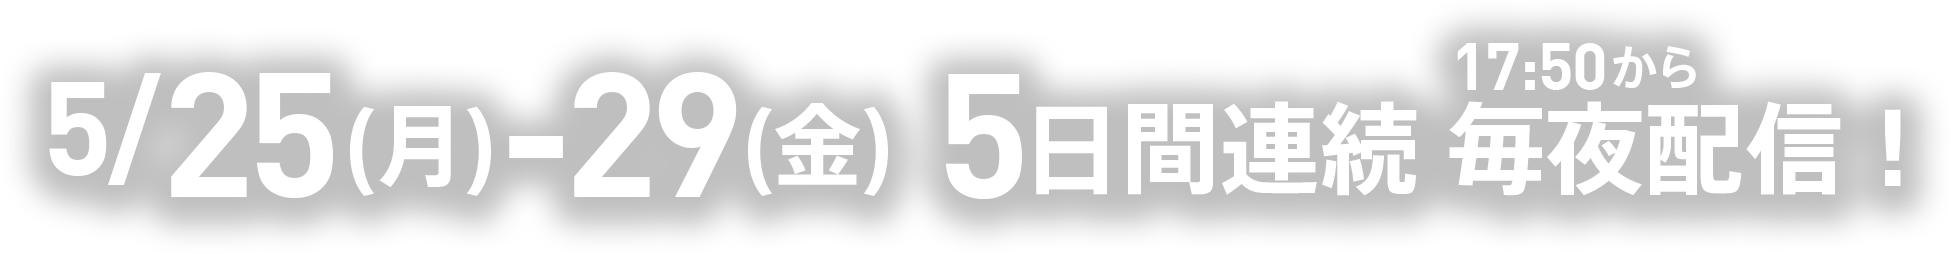 5/25(月)-29(金)まで毎夜ライブ配信